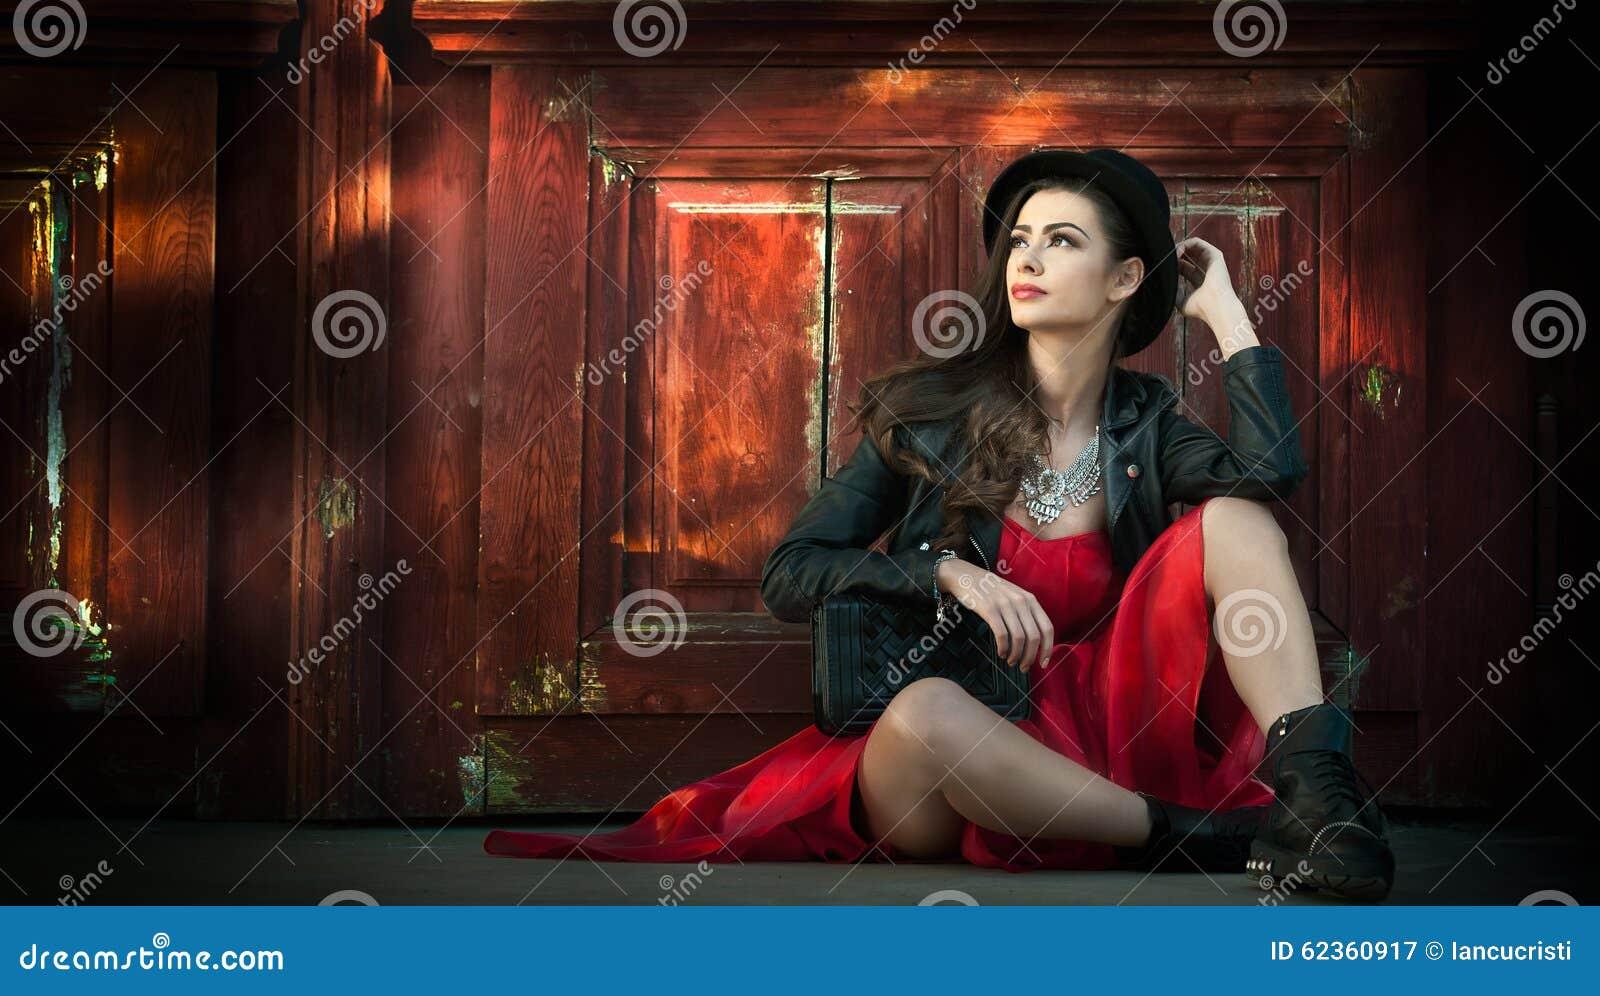 jeune-belle-femme-de-brune-avec-la-pose-de-robe-courte-rouge-et-de-chapeau-noir-sensuelle-dans-le-paysage-de- vintage-dame-62360917.jpg b1dfa6472550